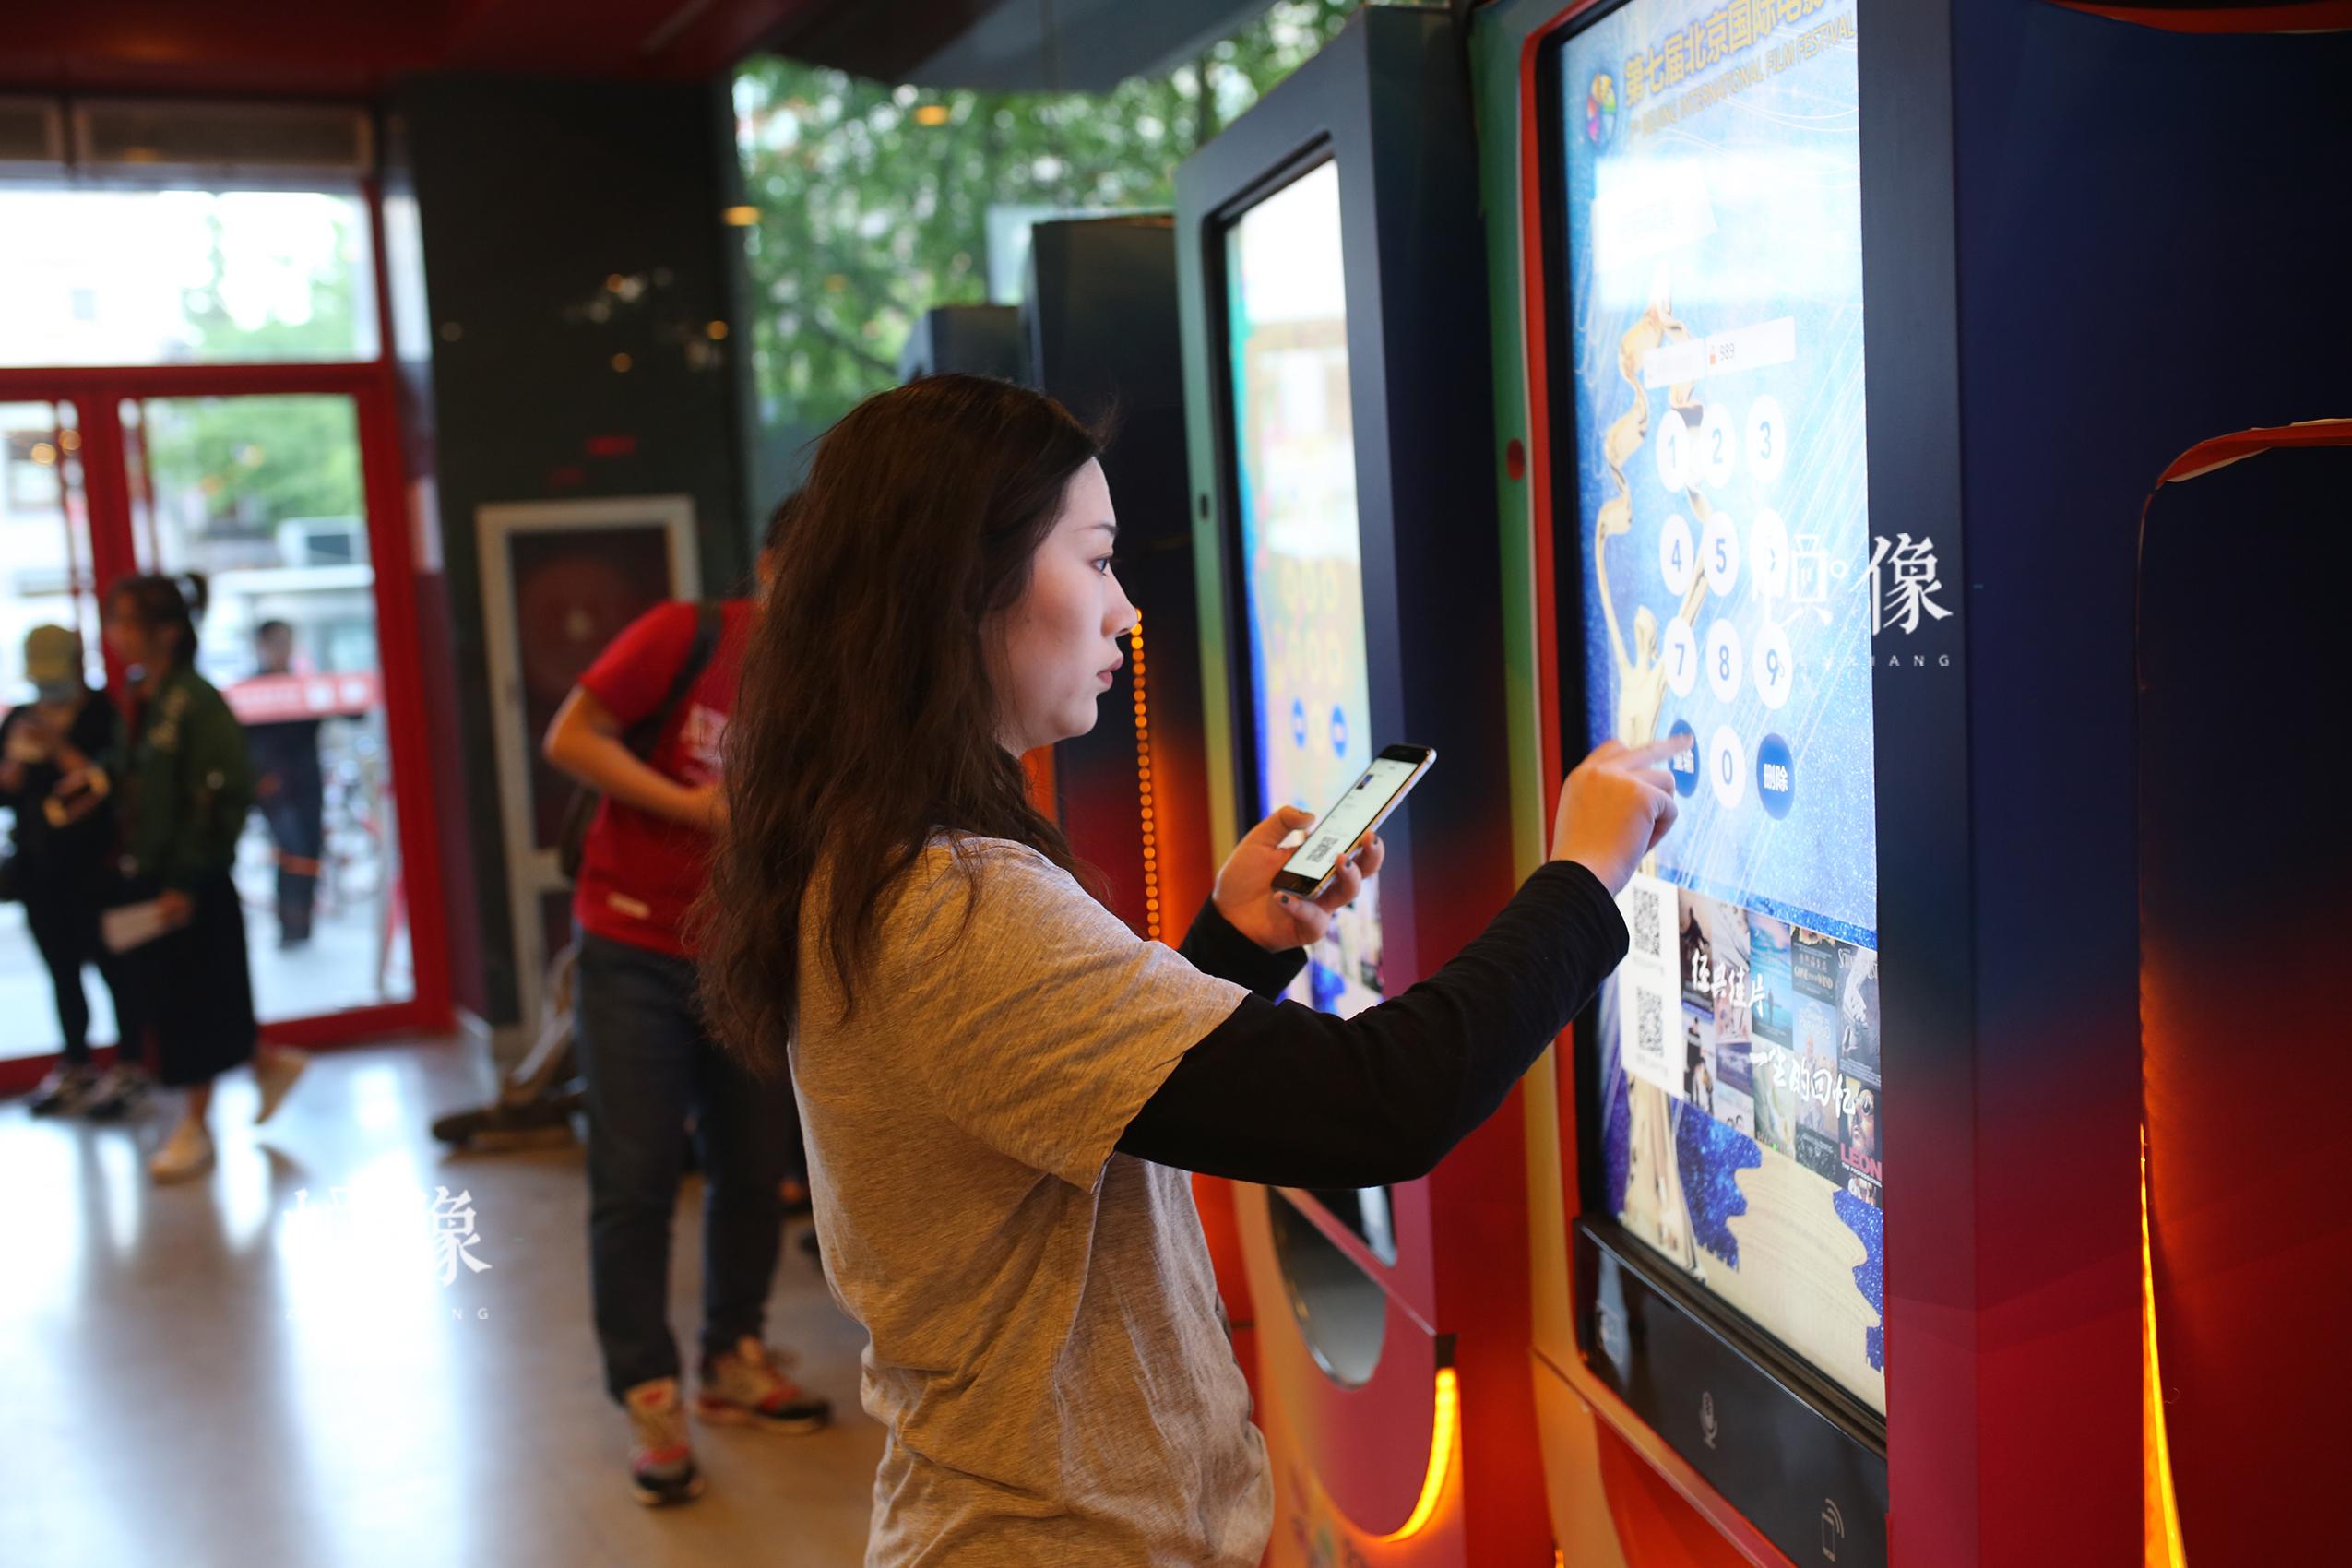 观影群众正在取票。中国网记者 焦源源 摄